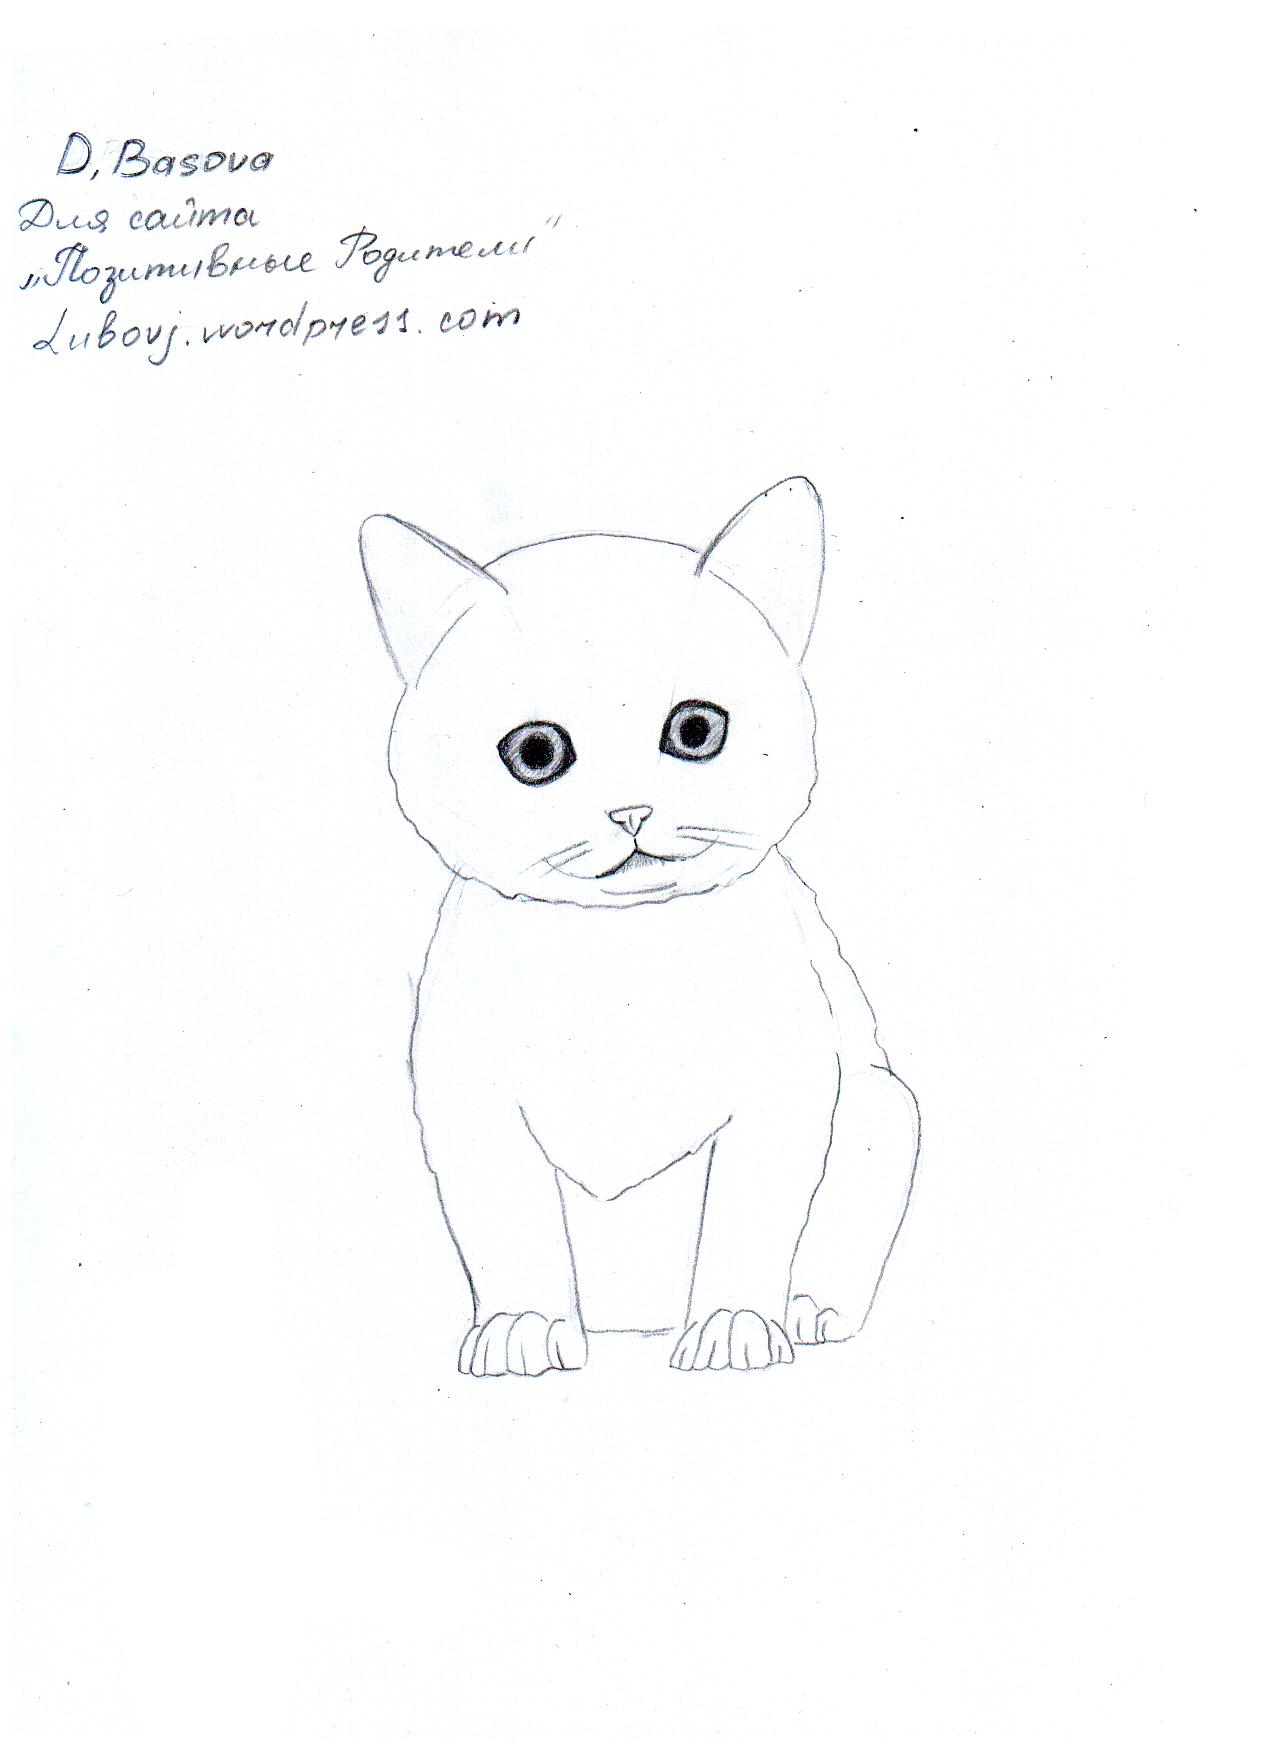 Трафареты кошек и котов для декора своими руками - Усатики 2